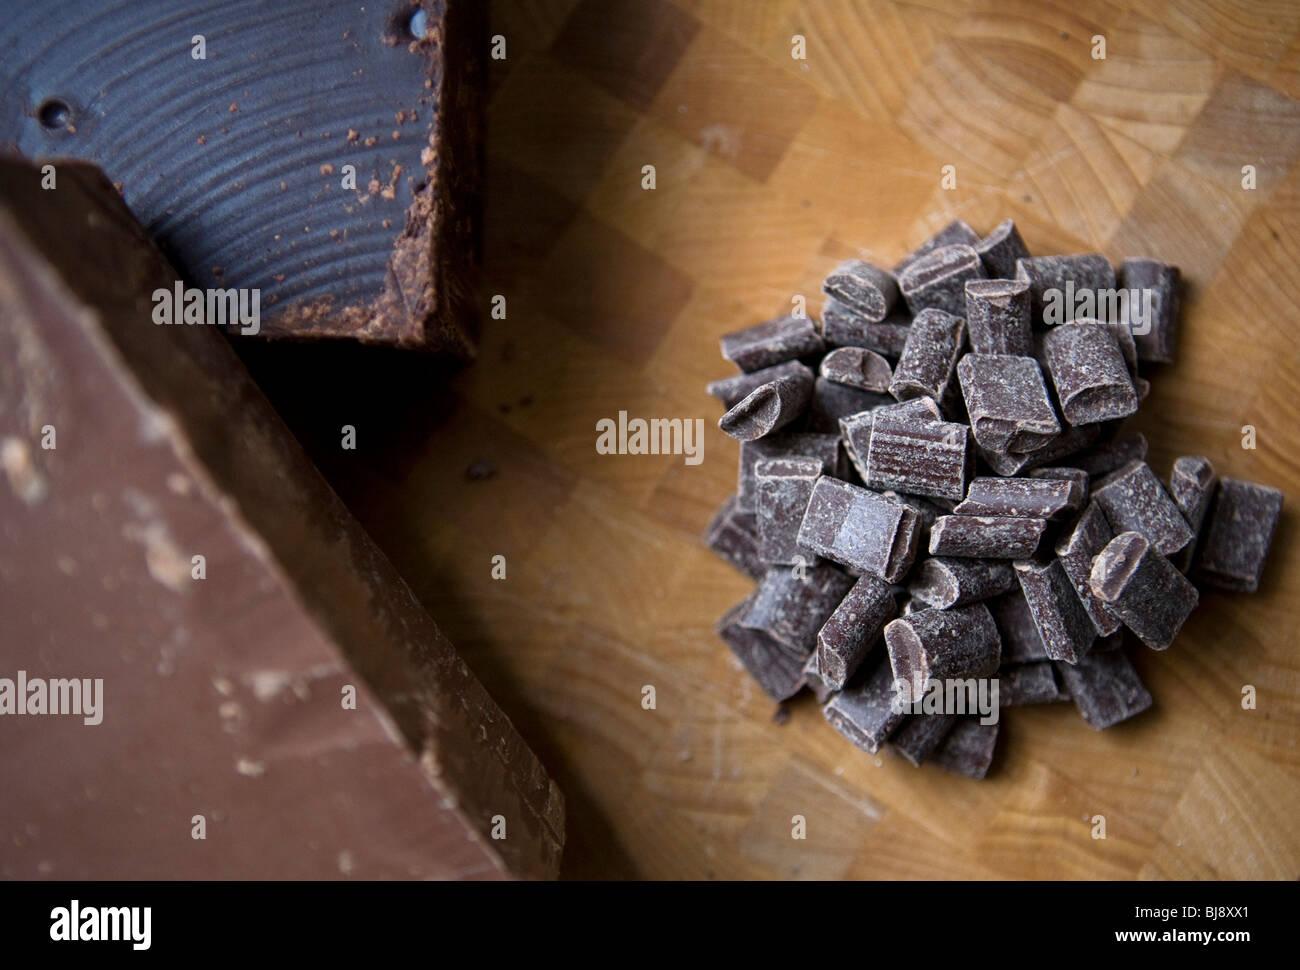 Virutas de Chocolate y pedazos. Imagen De Stock